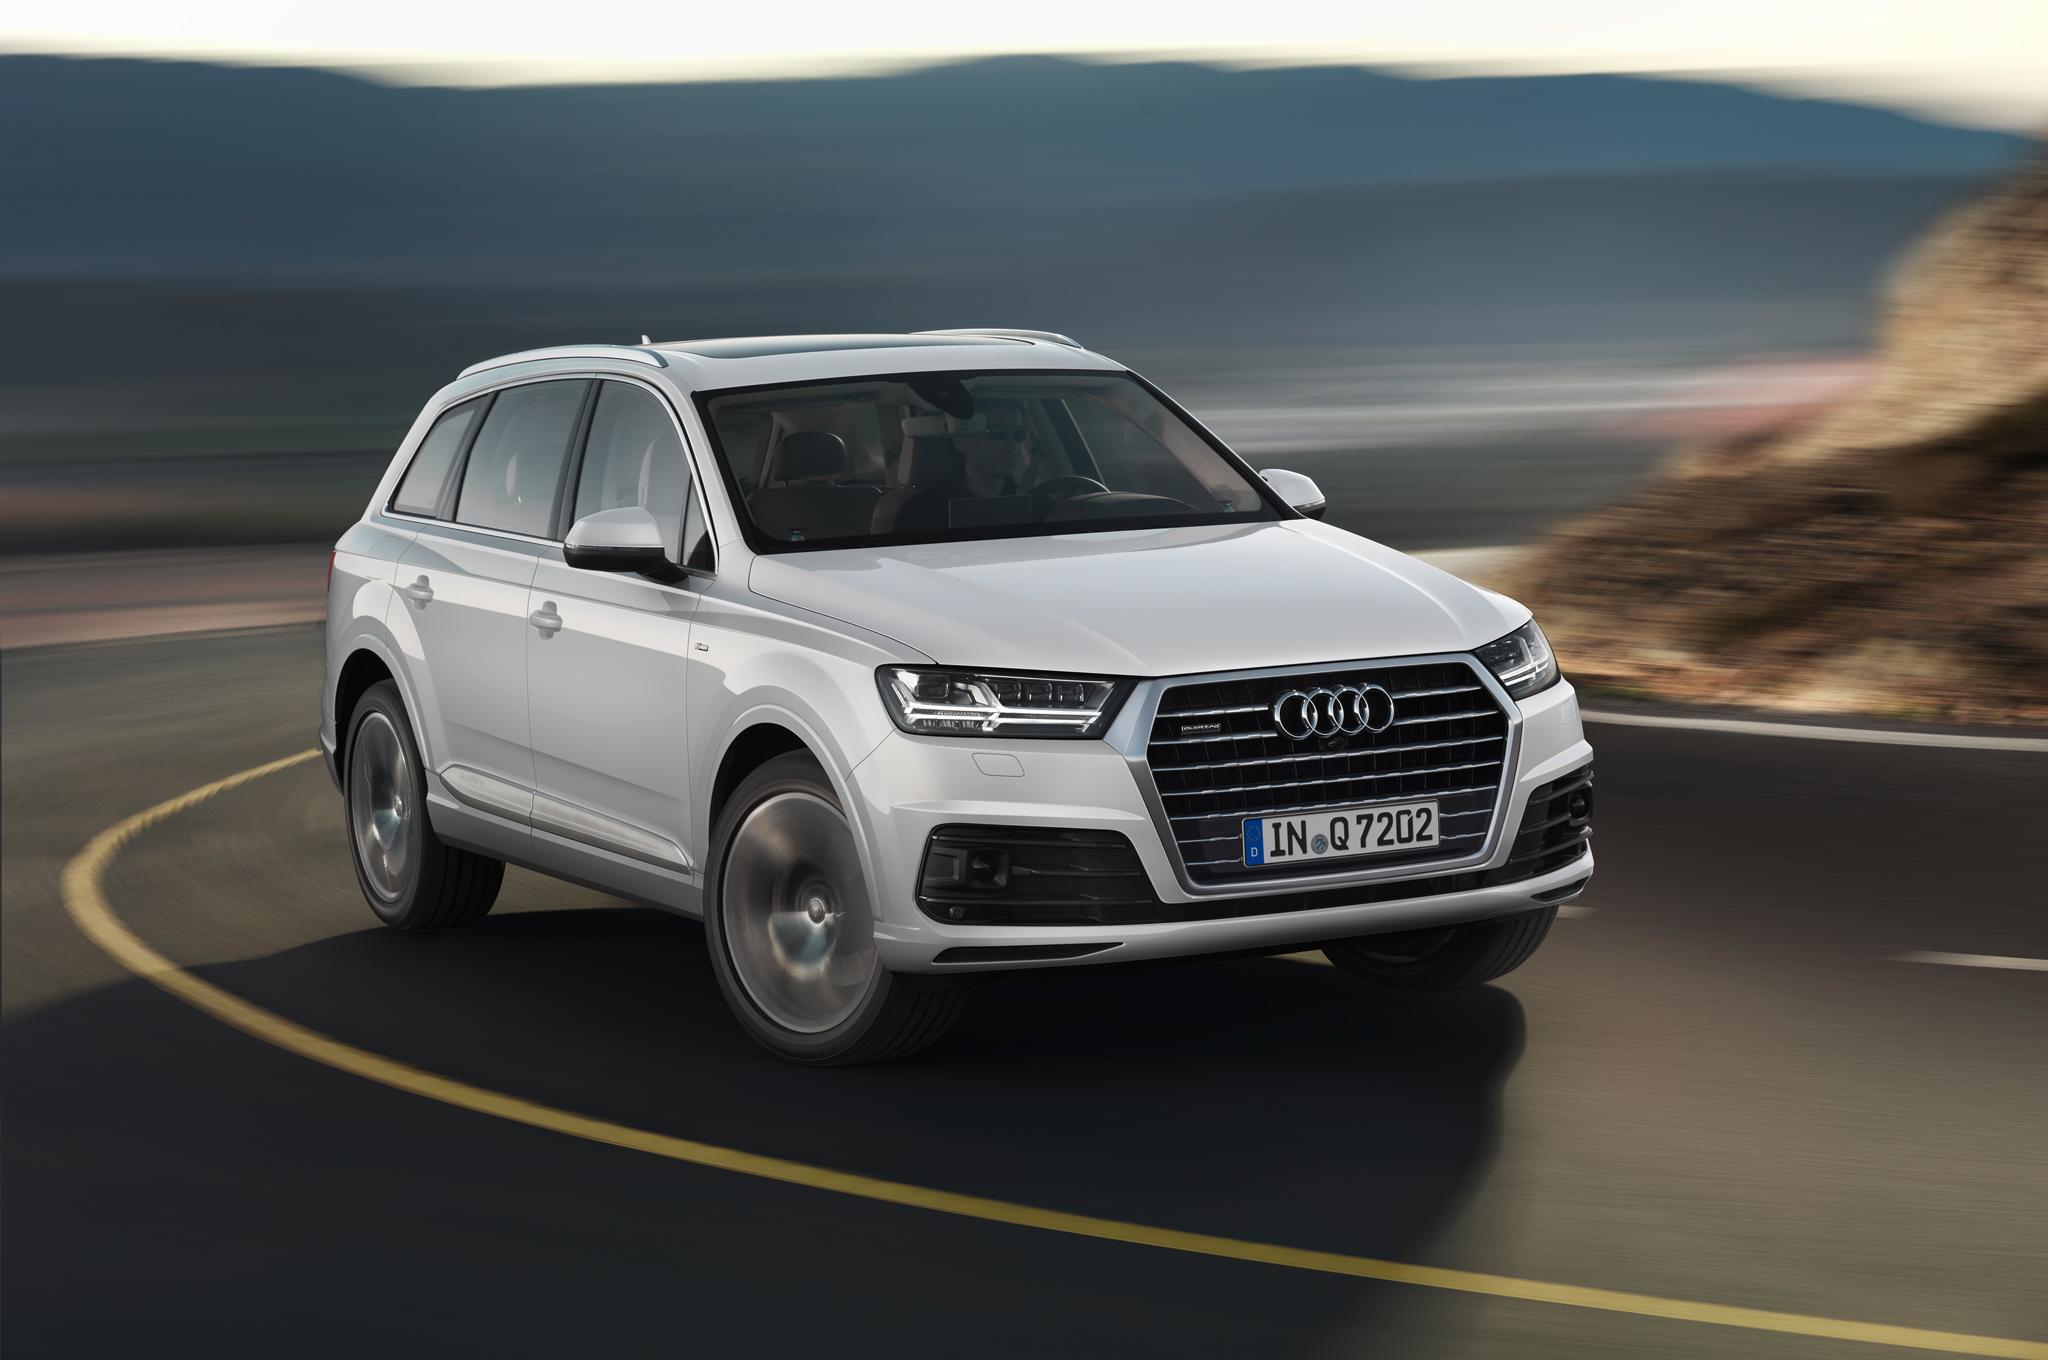 Audi Q7 - better fit & finish